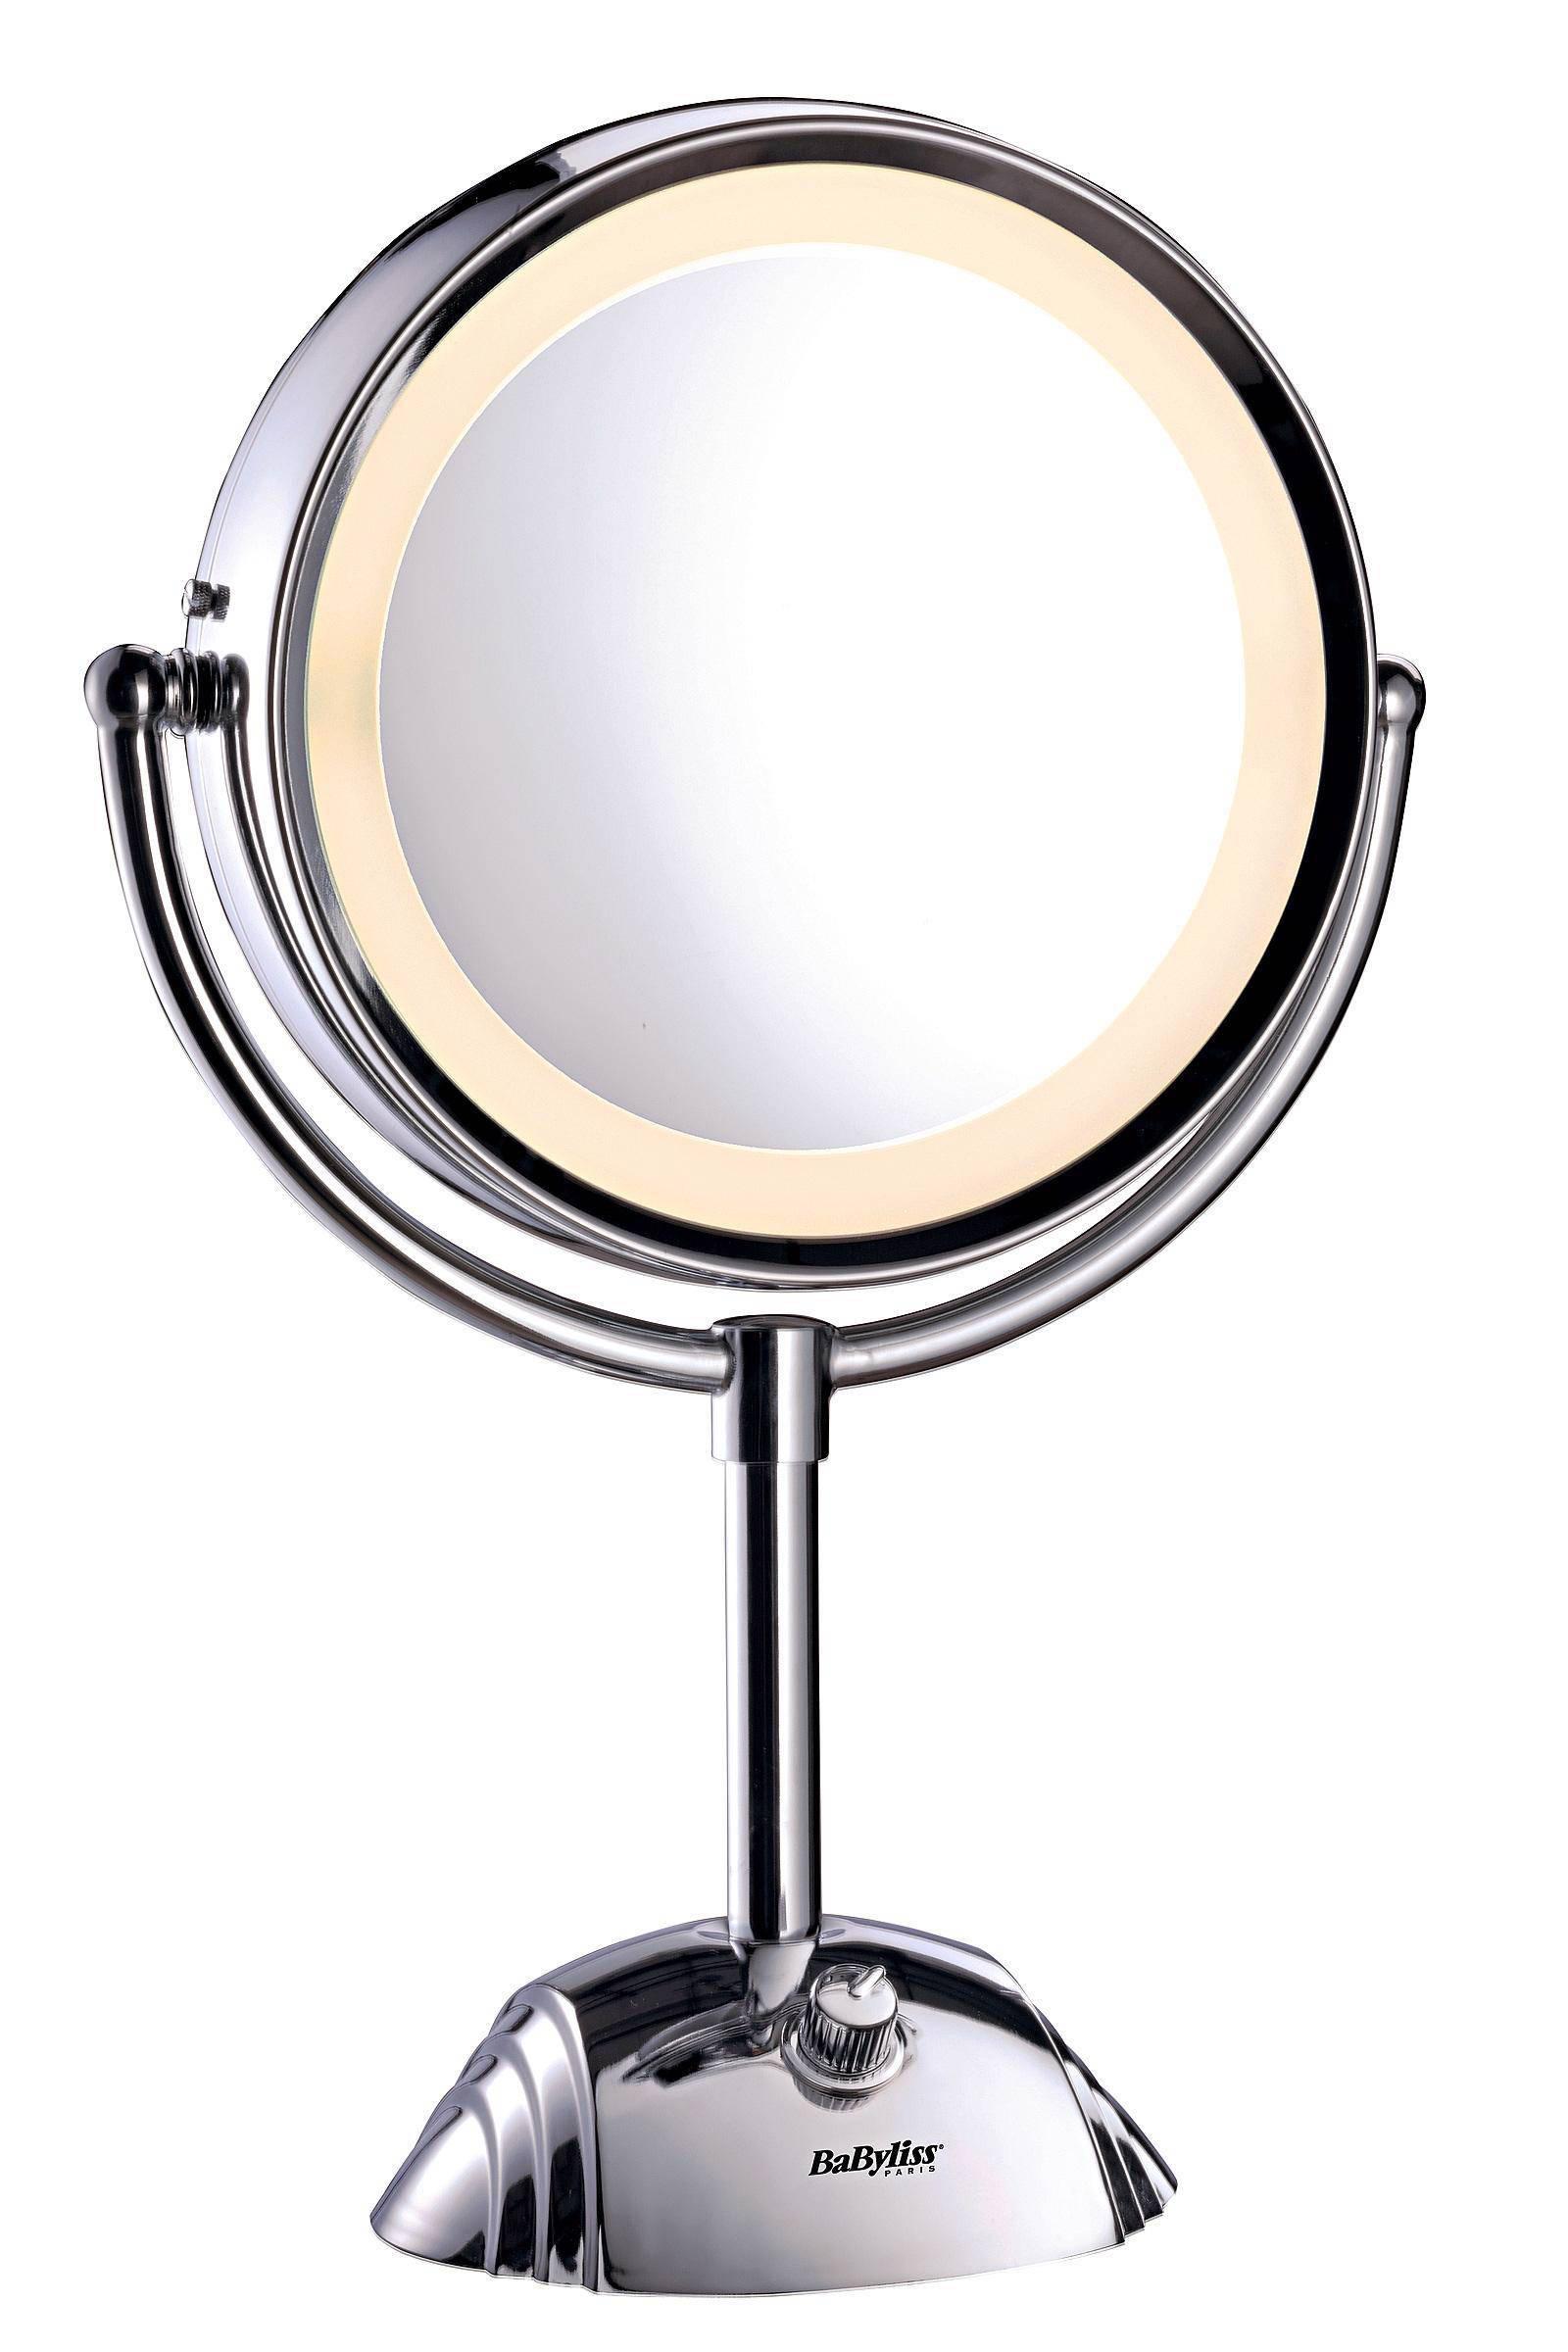 https://images.wehkamp.nl/i/wehkamp/557121_pb_01/babyliss-make-up-spiegel-met-verlichting-3030050059823.jpg